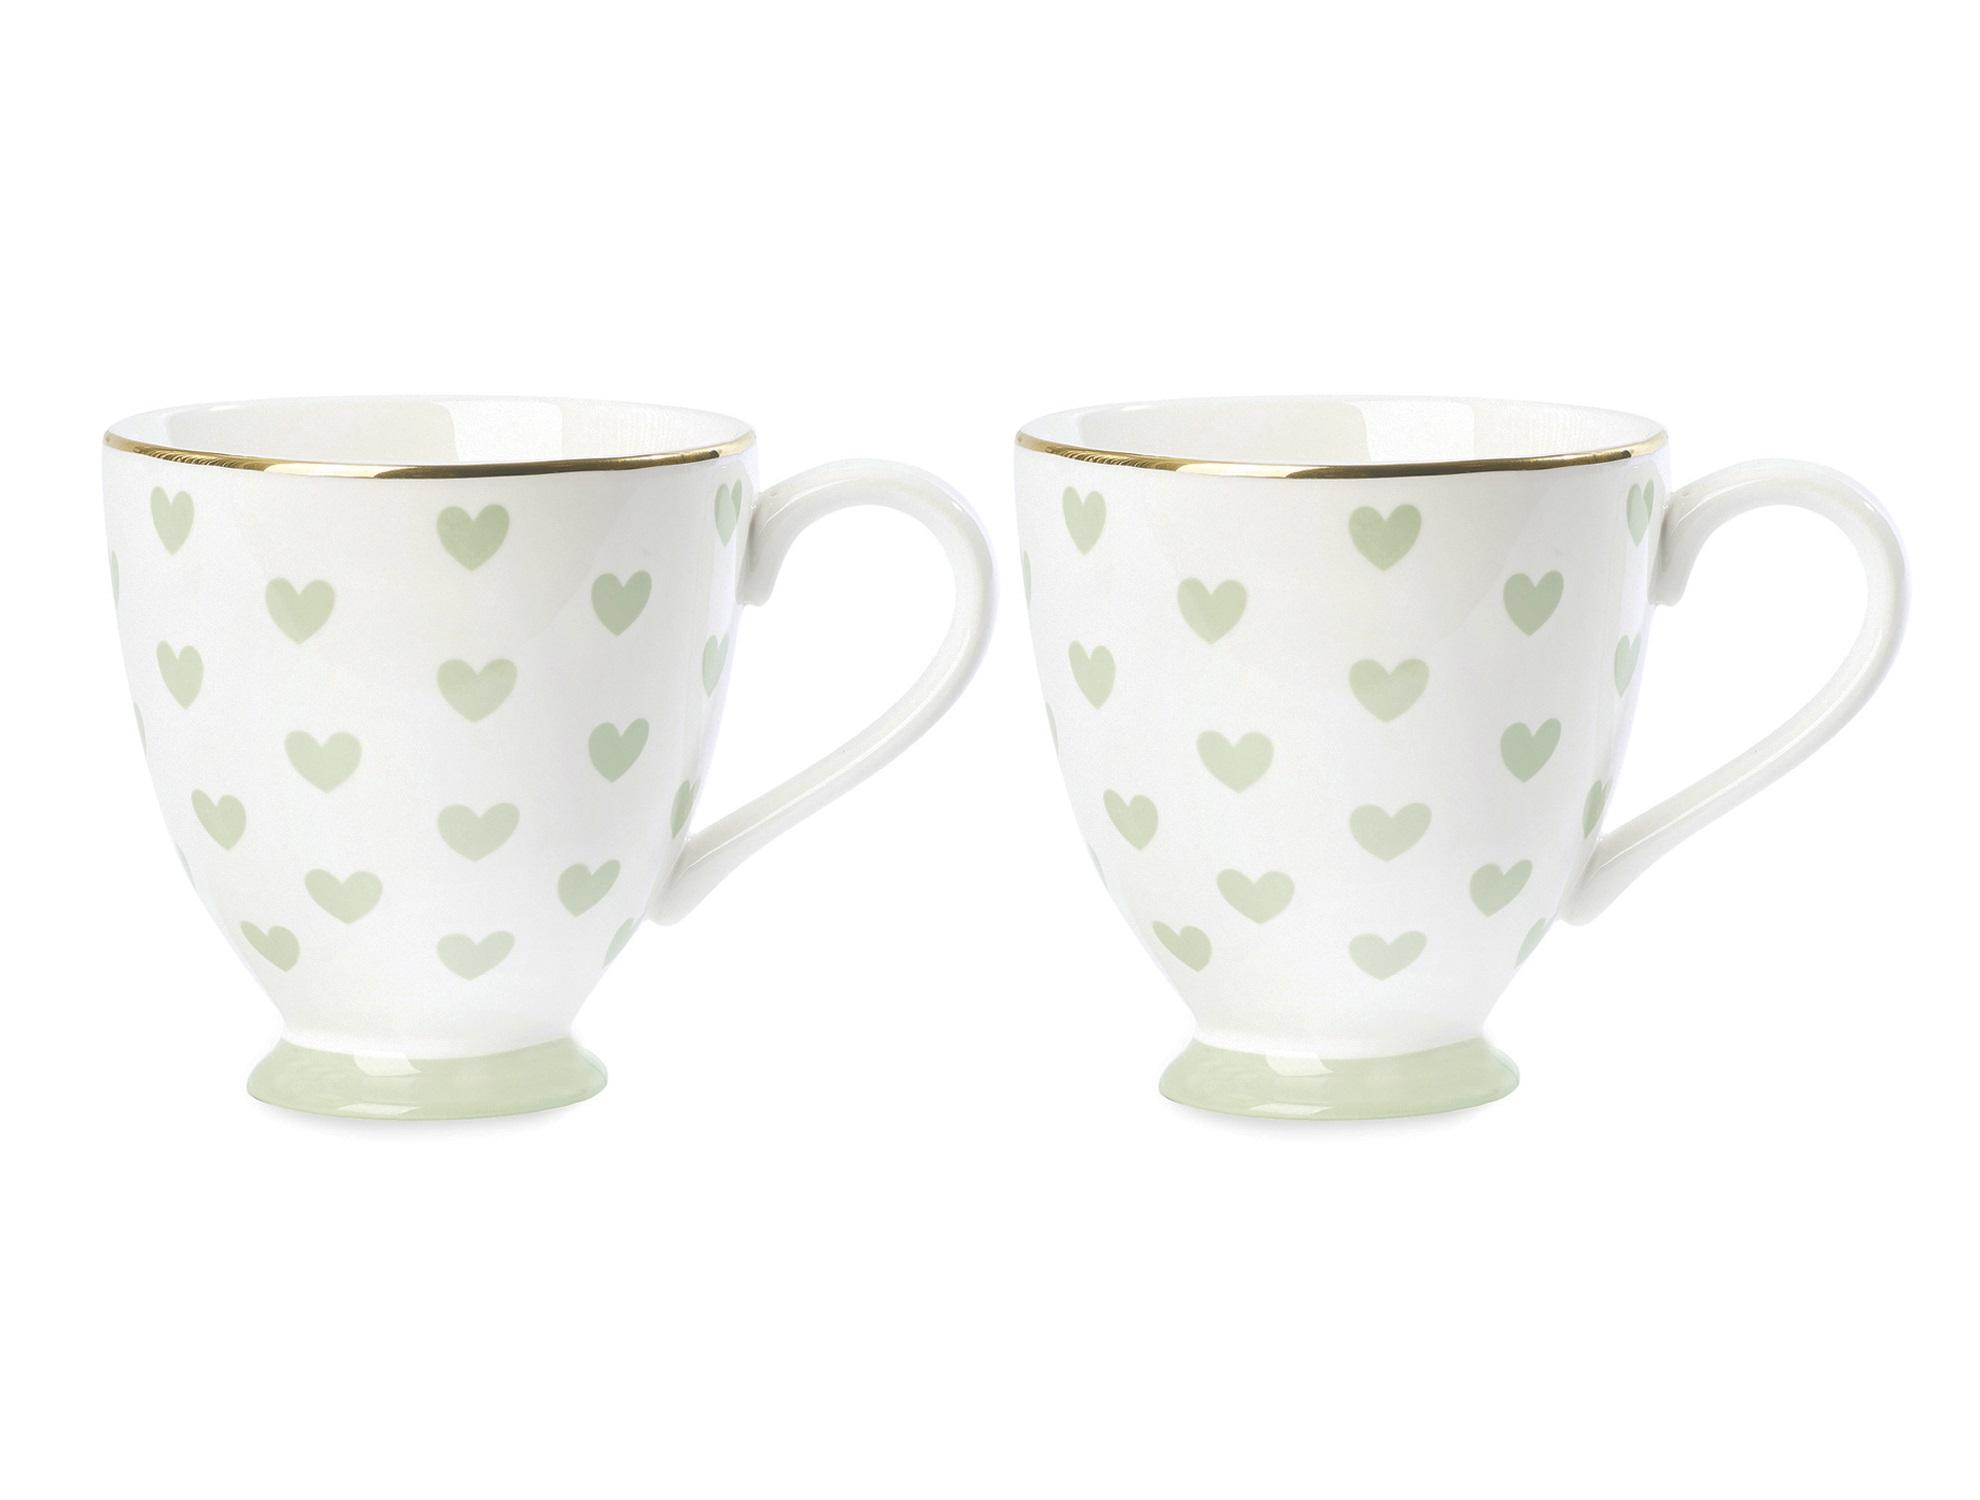 Набор кофейных чашек (2шт)Чайные пары, чашки и кружки<br>Чаепитие – настоящее магическое действо, во время которого можно получить море удовольствий сразу. С посудой Miss Etoile ко всем приятностям добавится и эстетическое наслаждение от красивой сервировки. Эта милая чашка выглядят женственно и изящно, в сочетании с ароматным чаем и круассаном она создаст настроение булочной Парижа.&amp;amp;nbsp;&amp;lt;div&amp;gt;&amp;lt;br&amp;gt;&amp;lt;/div&amp;gt;&amp;lt;div&amp;gt;Объем 300 мл.&amp;amp;nbsp;&amp;lt;/div&amp;gt;&amp;lt;div&amp;gt;В наборе 2 шт. ( H:10 см)&amp;lt;/div&amp;gt;<br><br>Material: Керамика<br>Высота см: 10.0